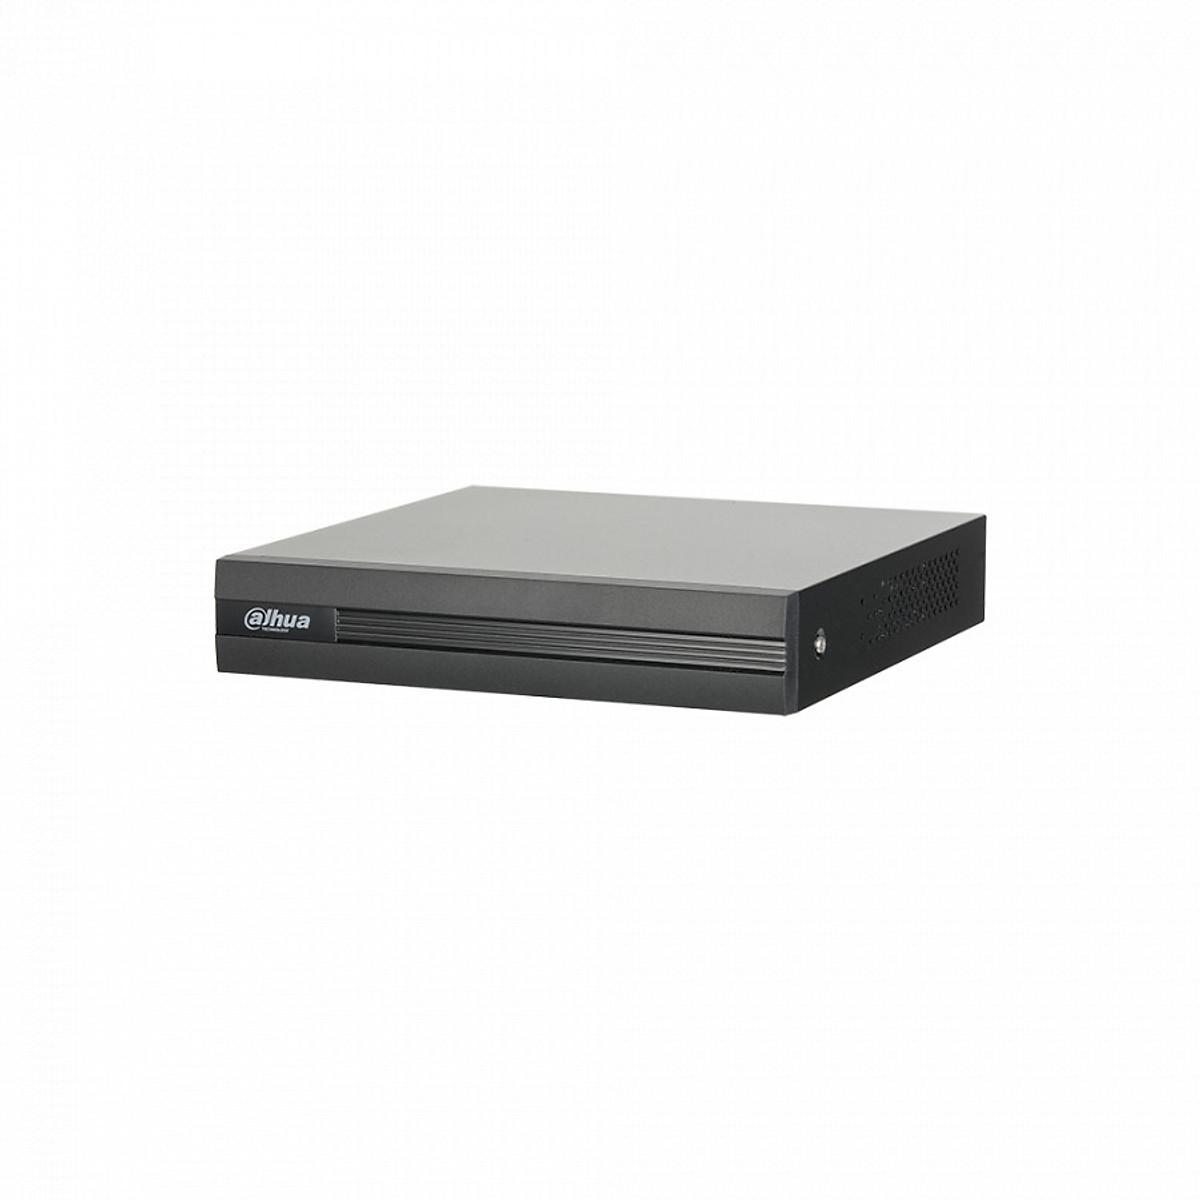 Đầu ghi hình 8 kênh HD-CVI chuẩn nén H.265+ Dahua XVR4108HS-X1 – Hàng nhập khẩu